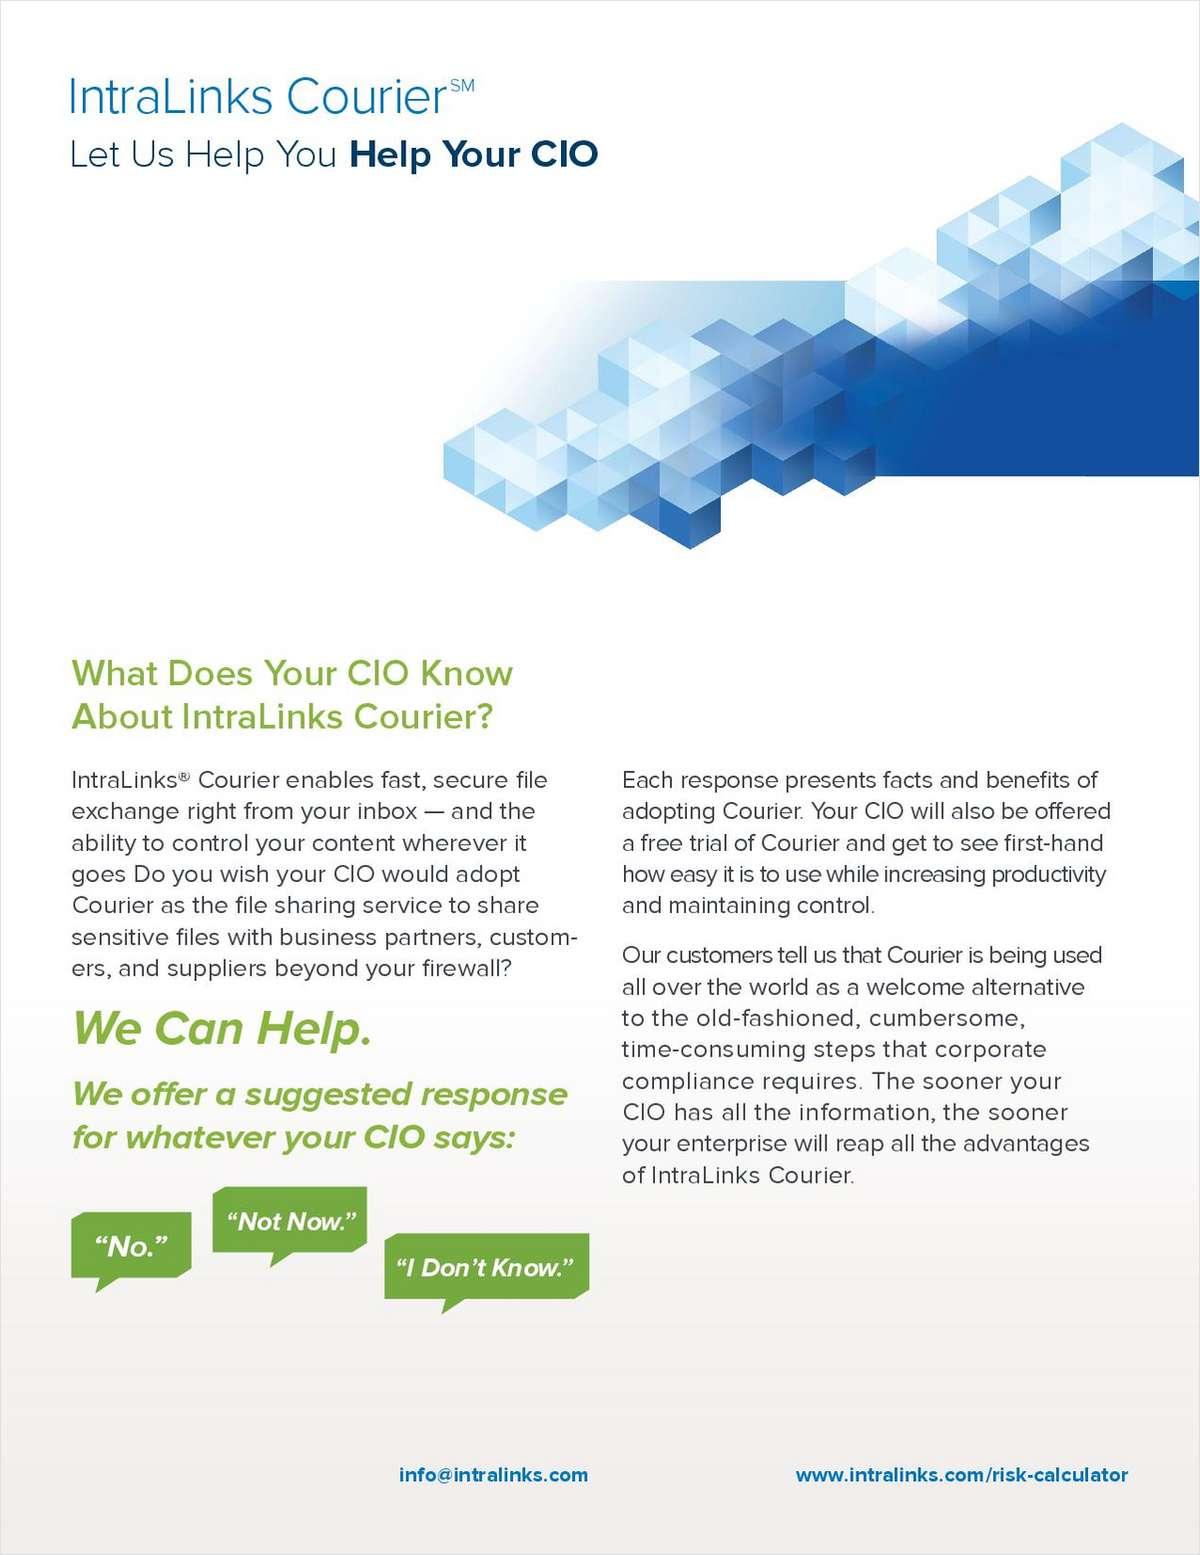 Let Us Help You Help Your CIO